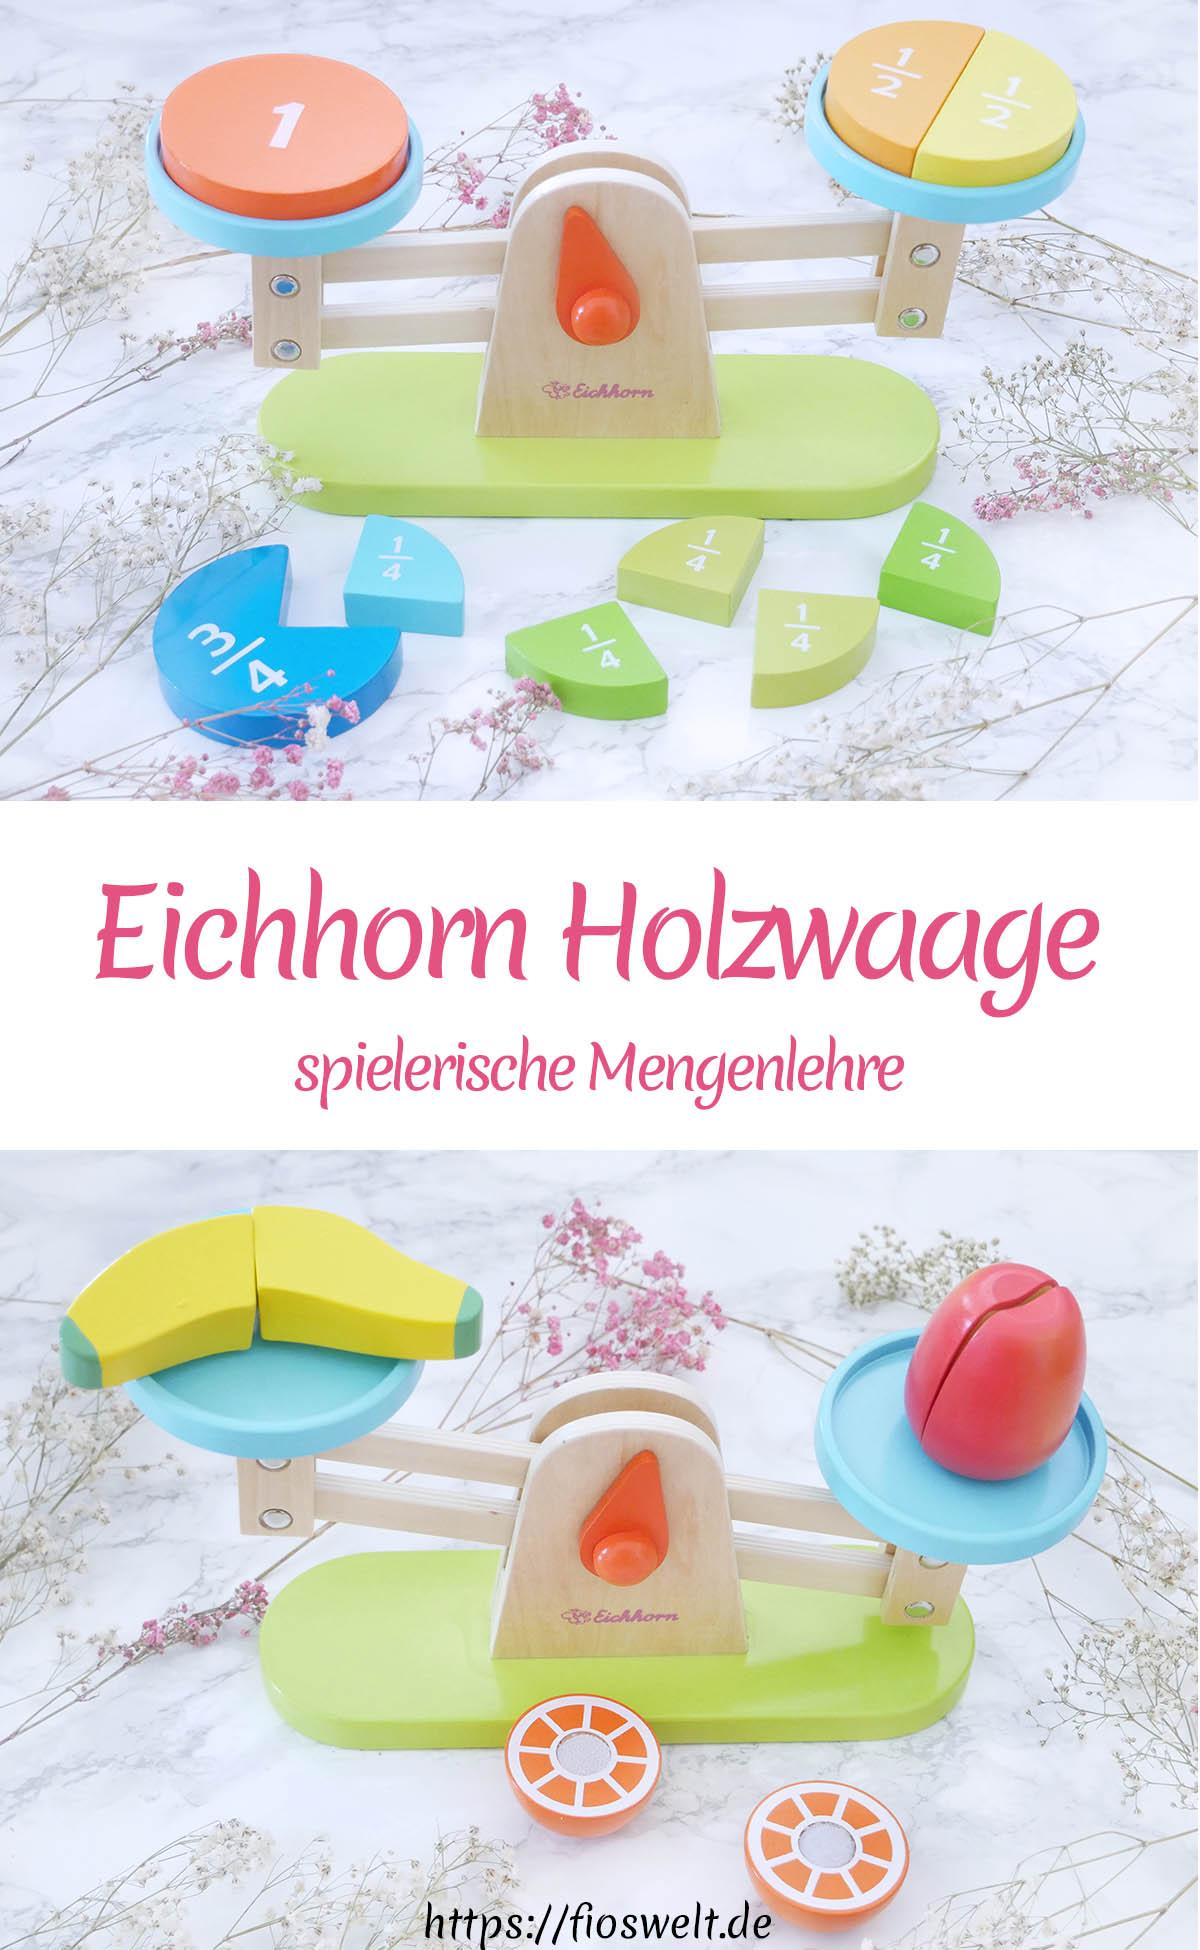 Eichhorn Holzwaage